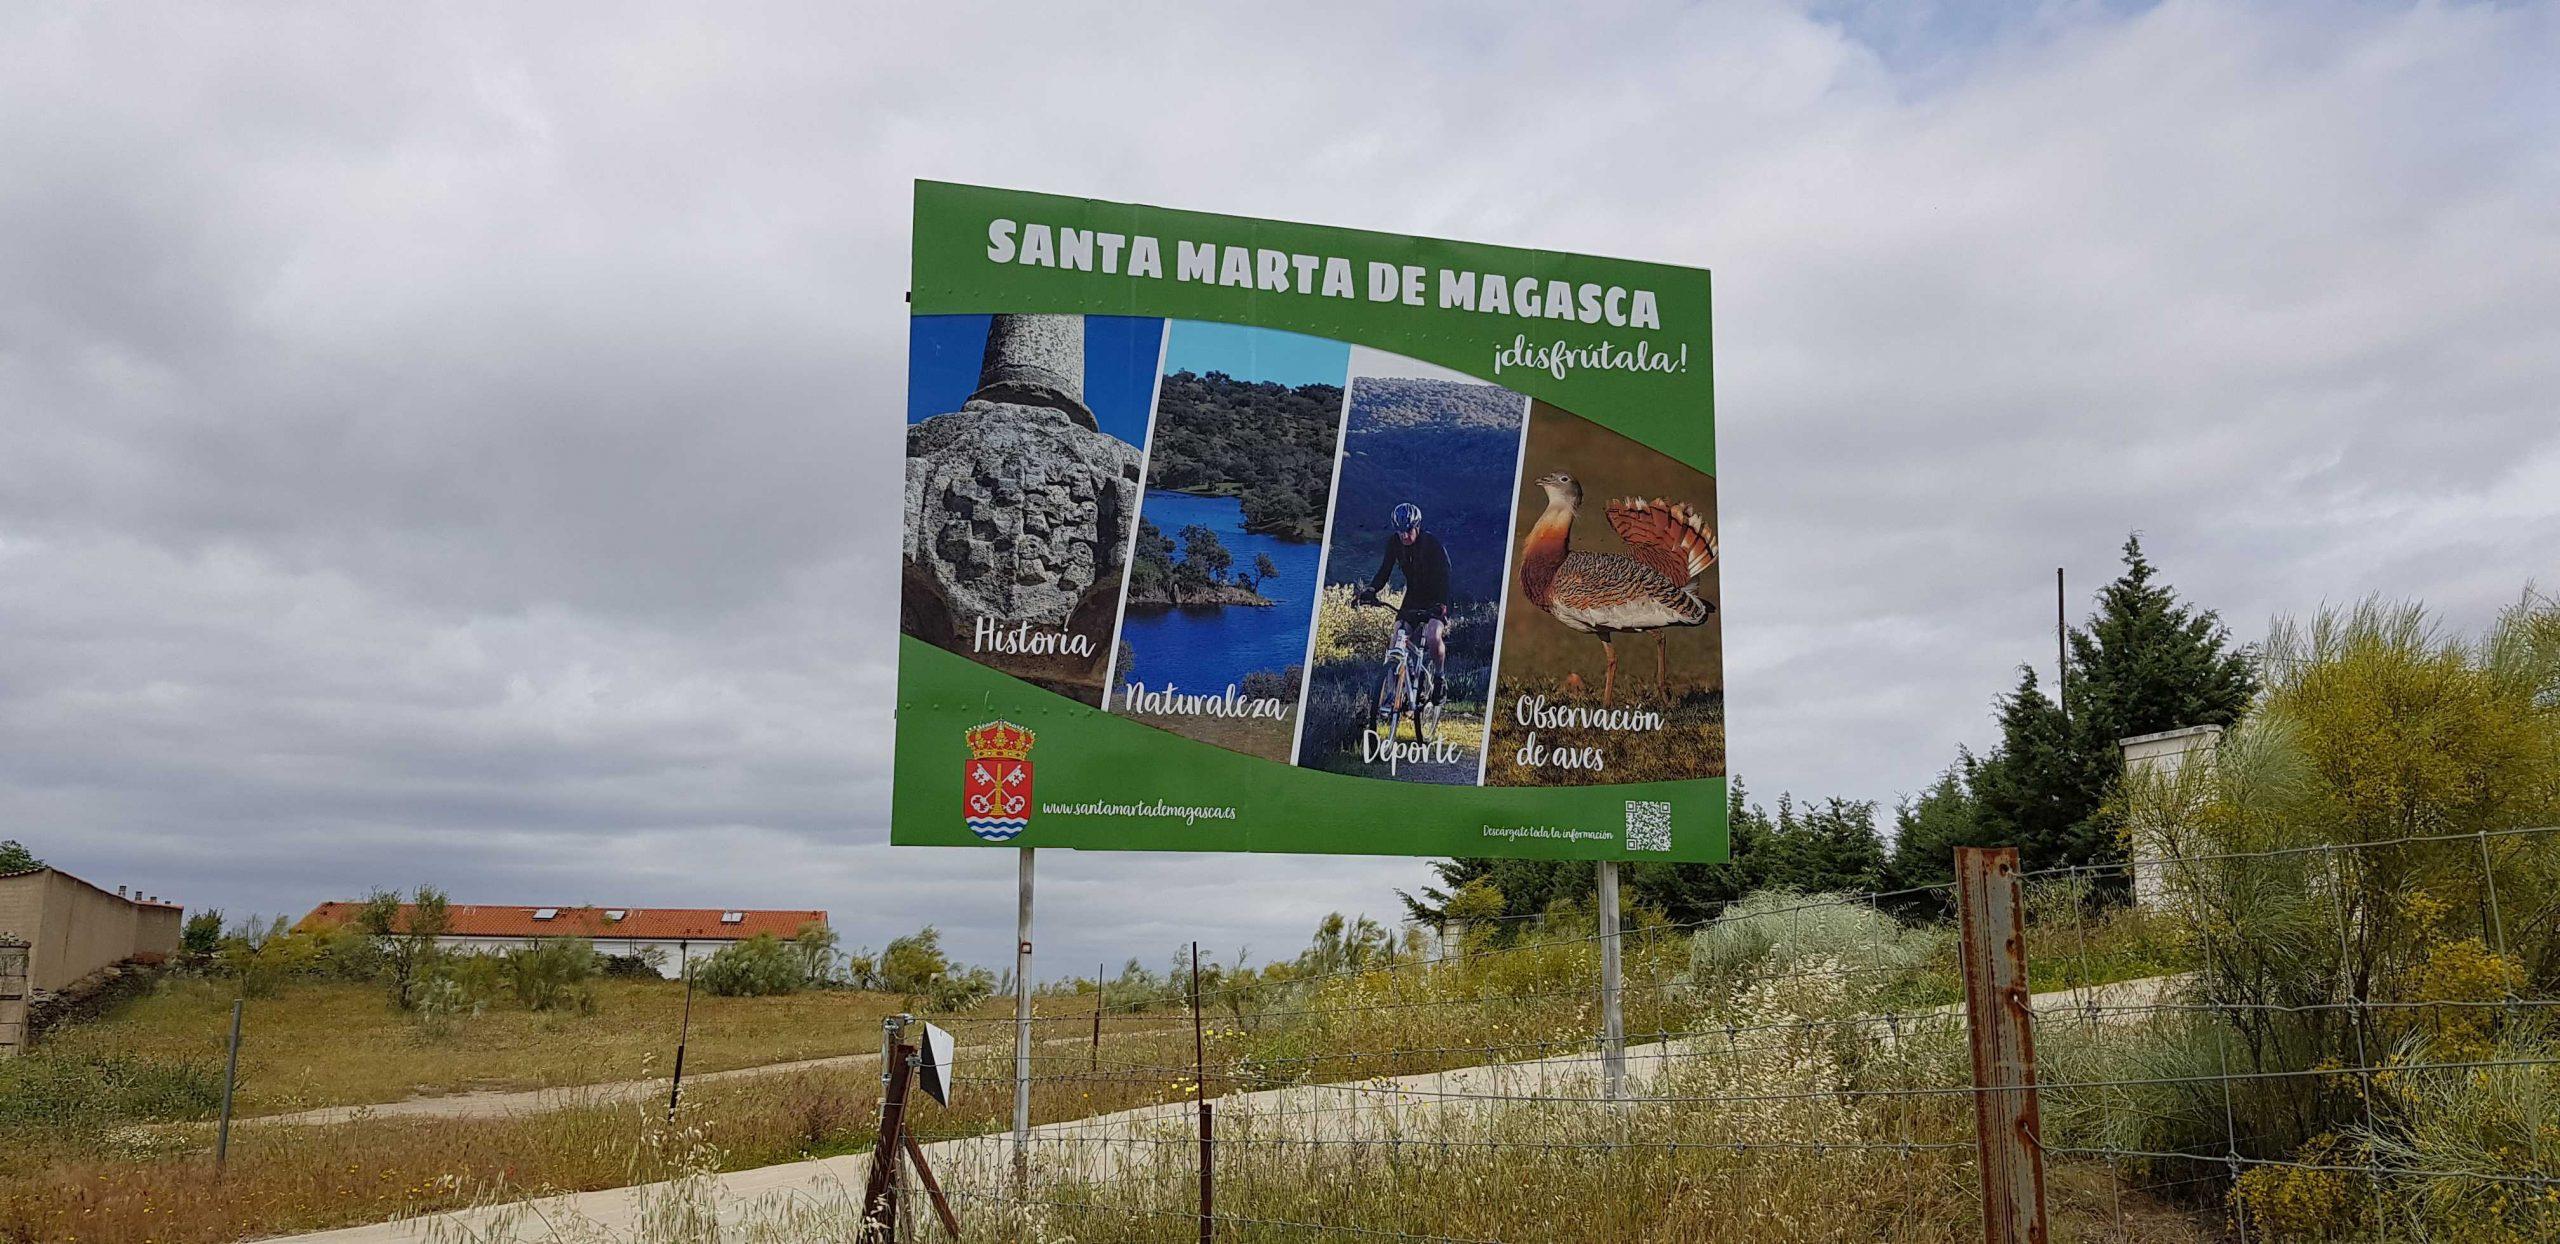 Cartel gran formato en Santa Marta de Magasca